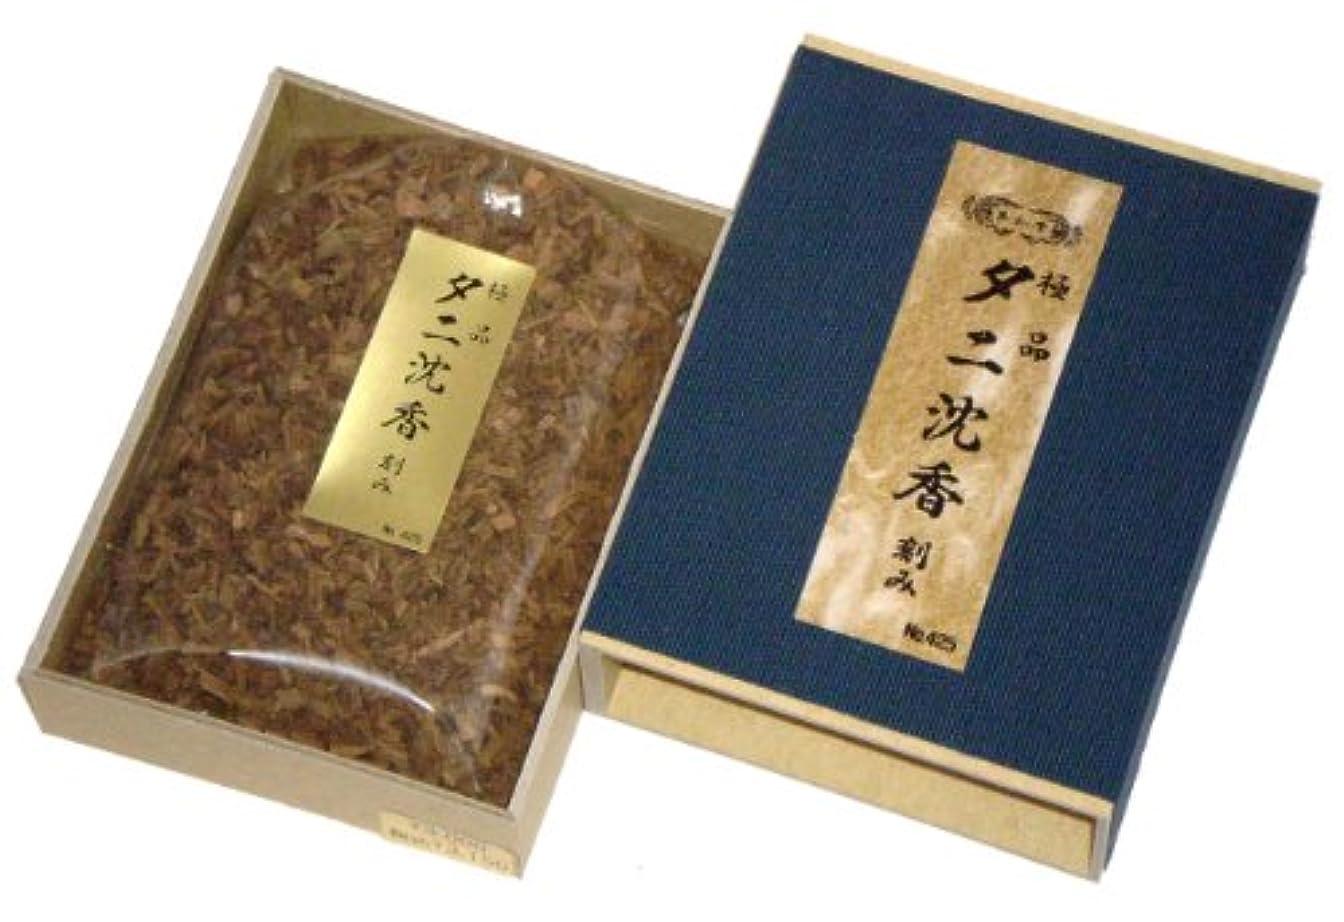 つづり肥満固有の玉初堂のお香 極品タニ沈香 刻み 化粧箱(布貼)入 #425